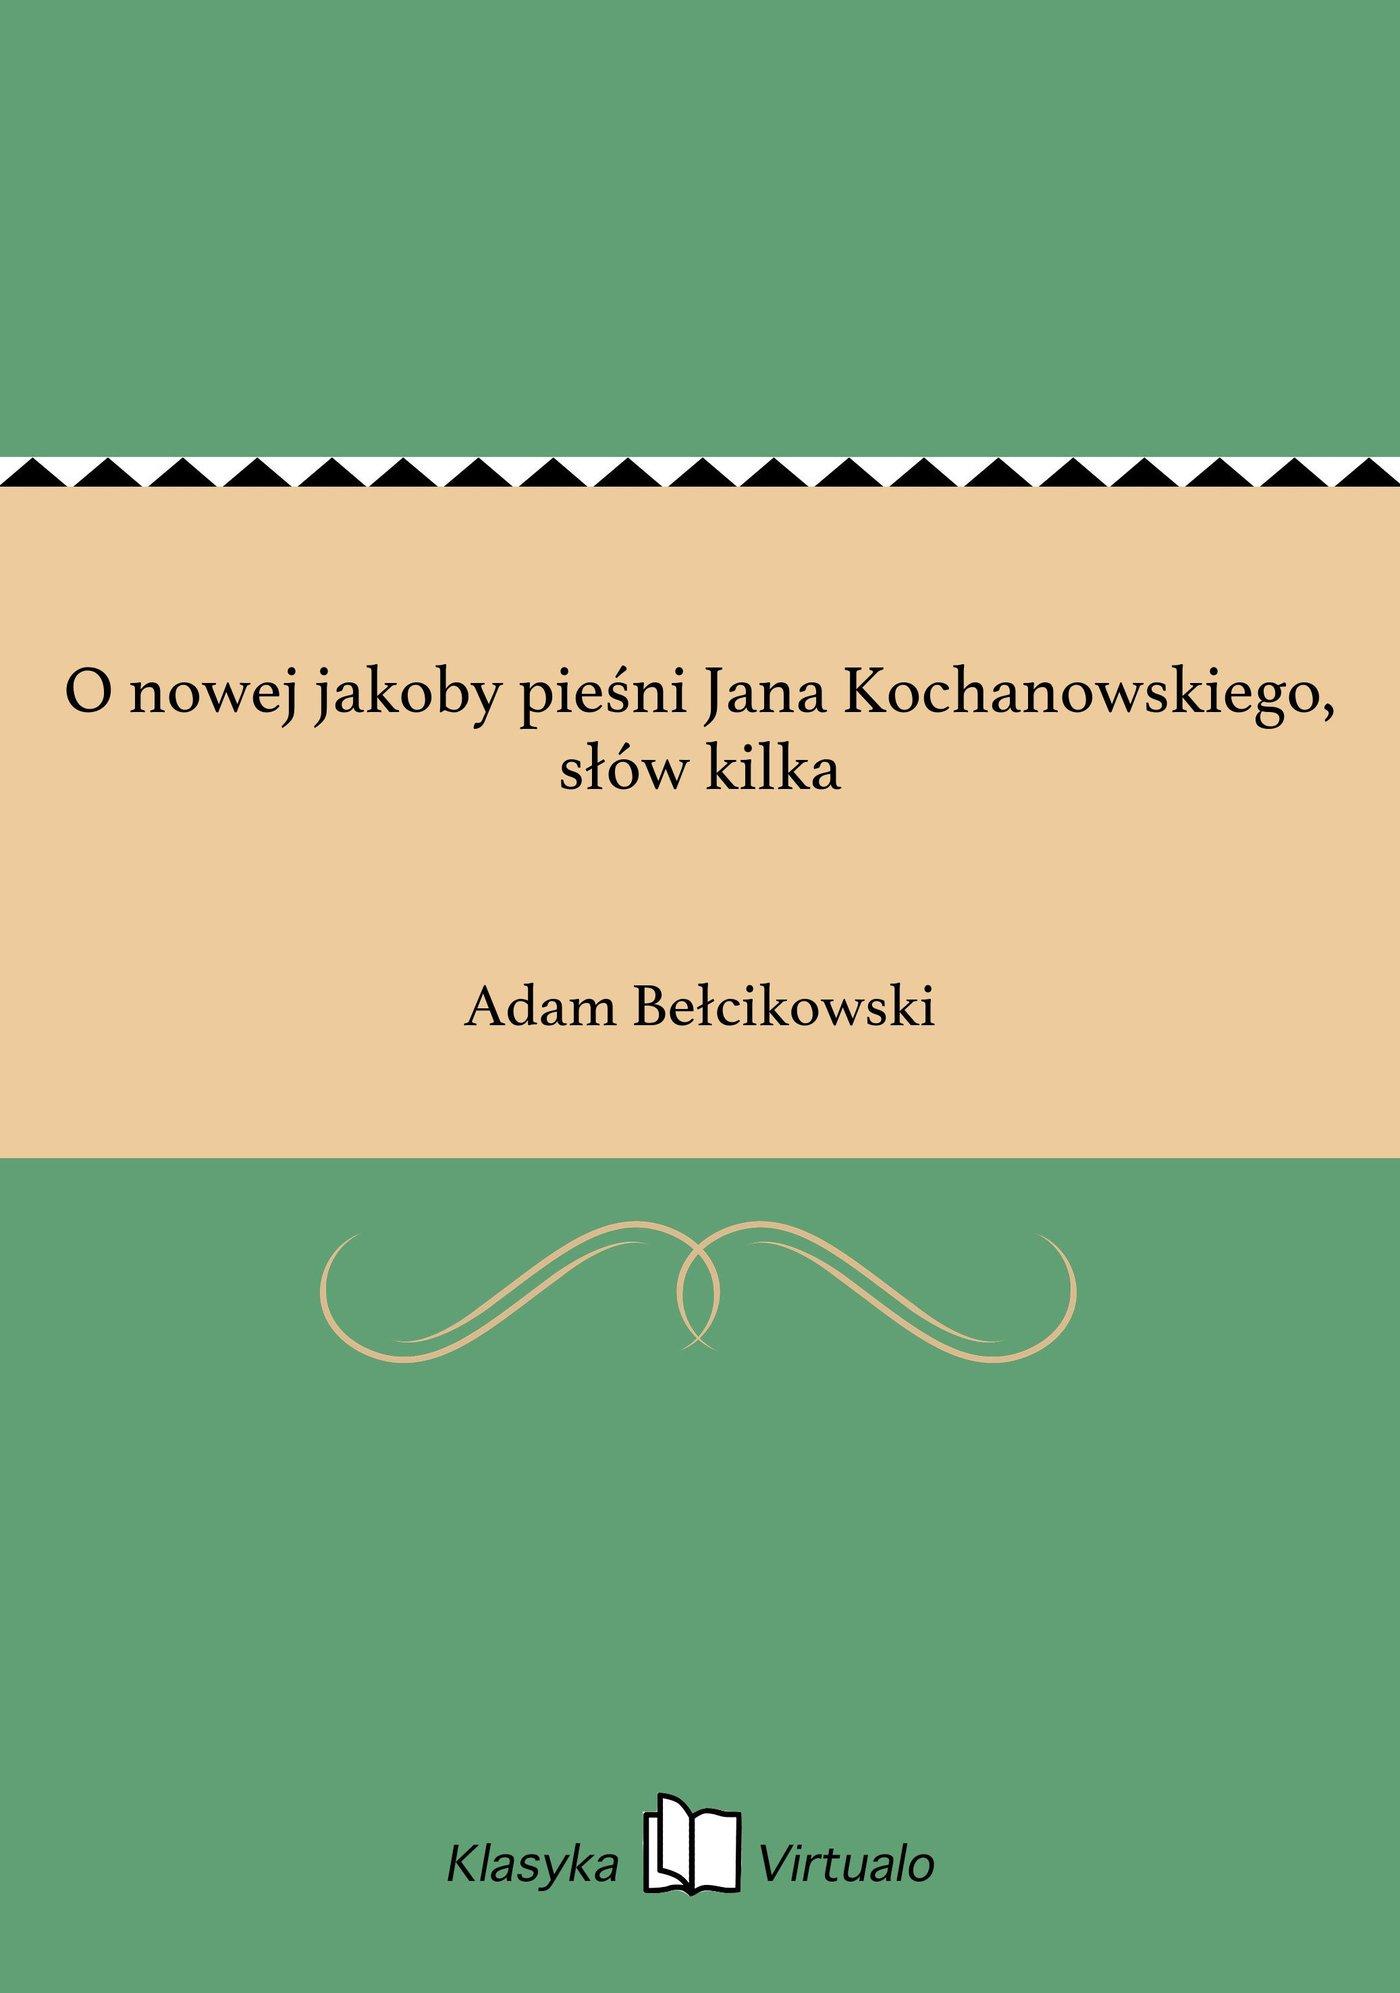 O nowej jakoby pieśni Jana Kochanowskiego, słów kilka - Ebook (Książka EPUB) do pobrania w formacie EPUB